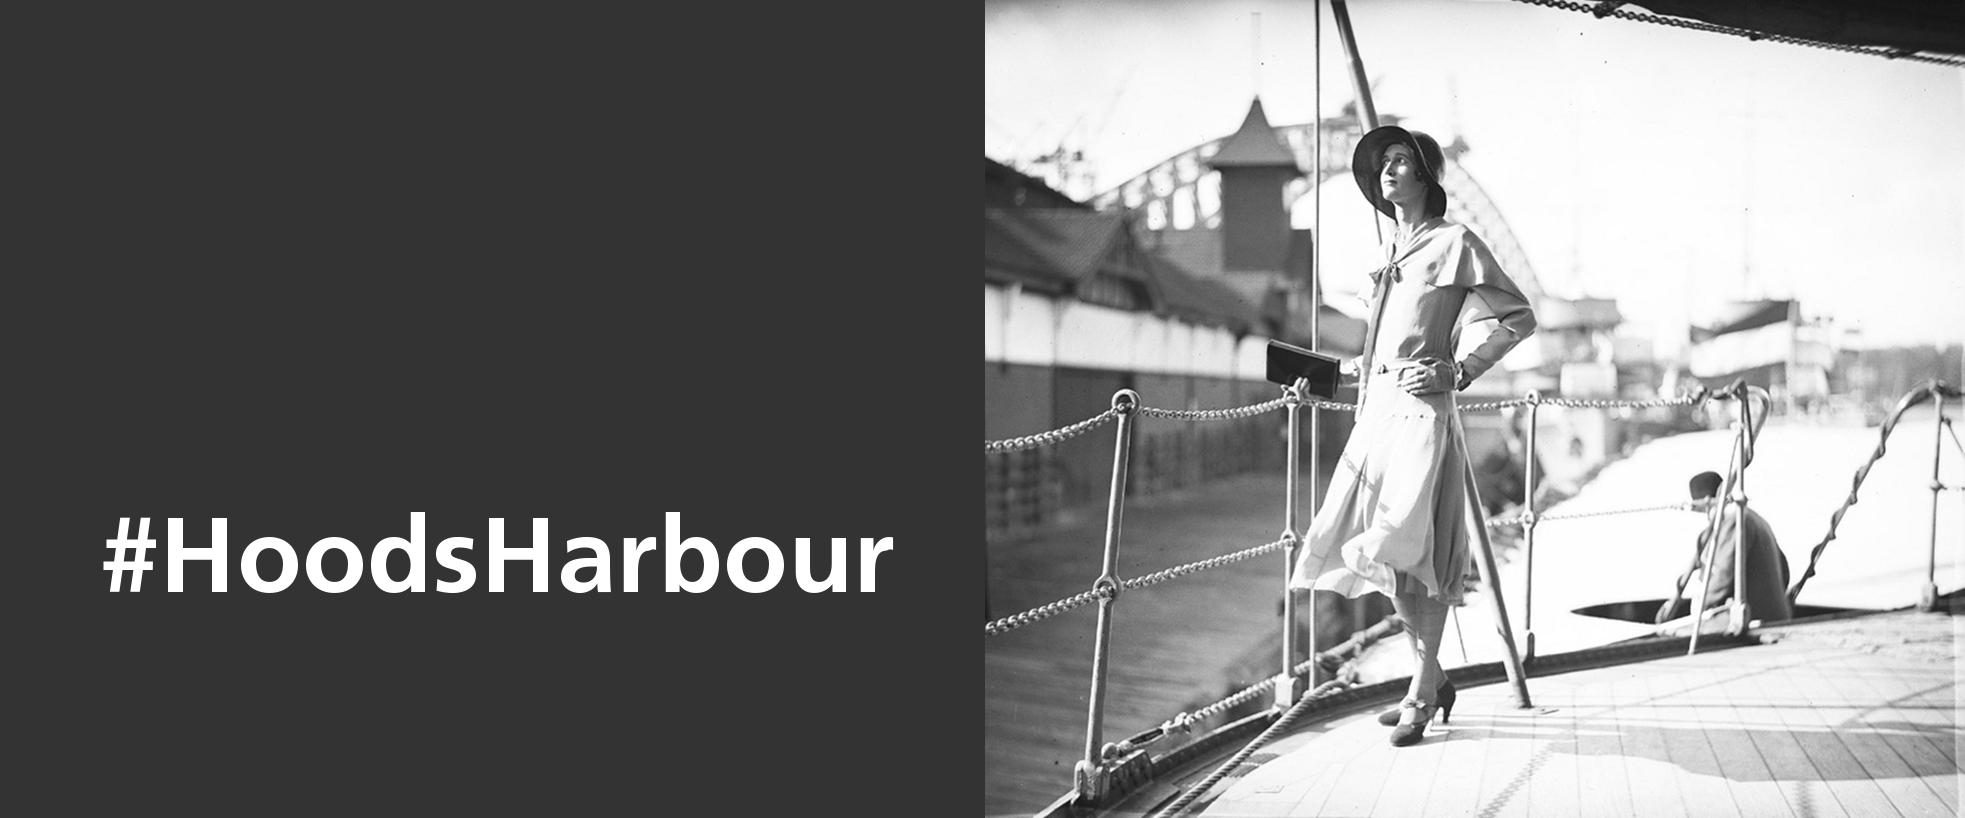 Hoods Harbour